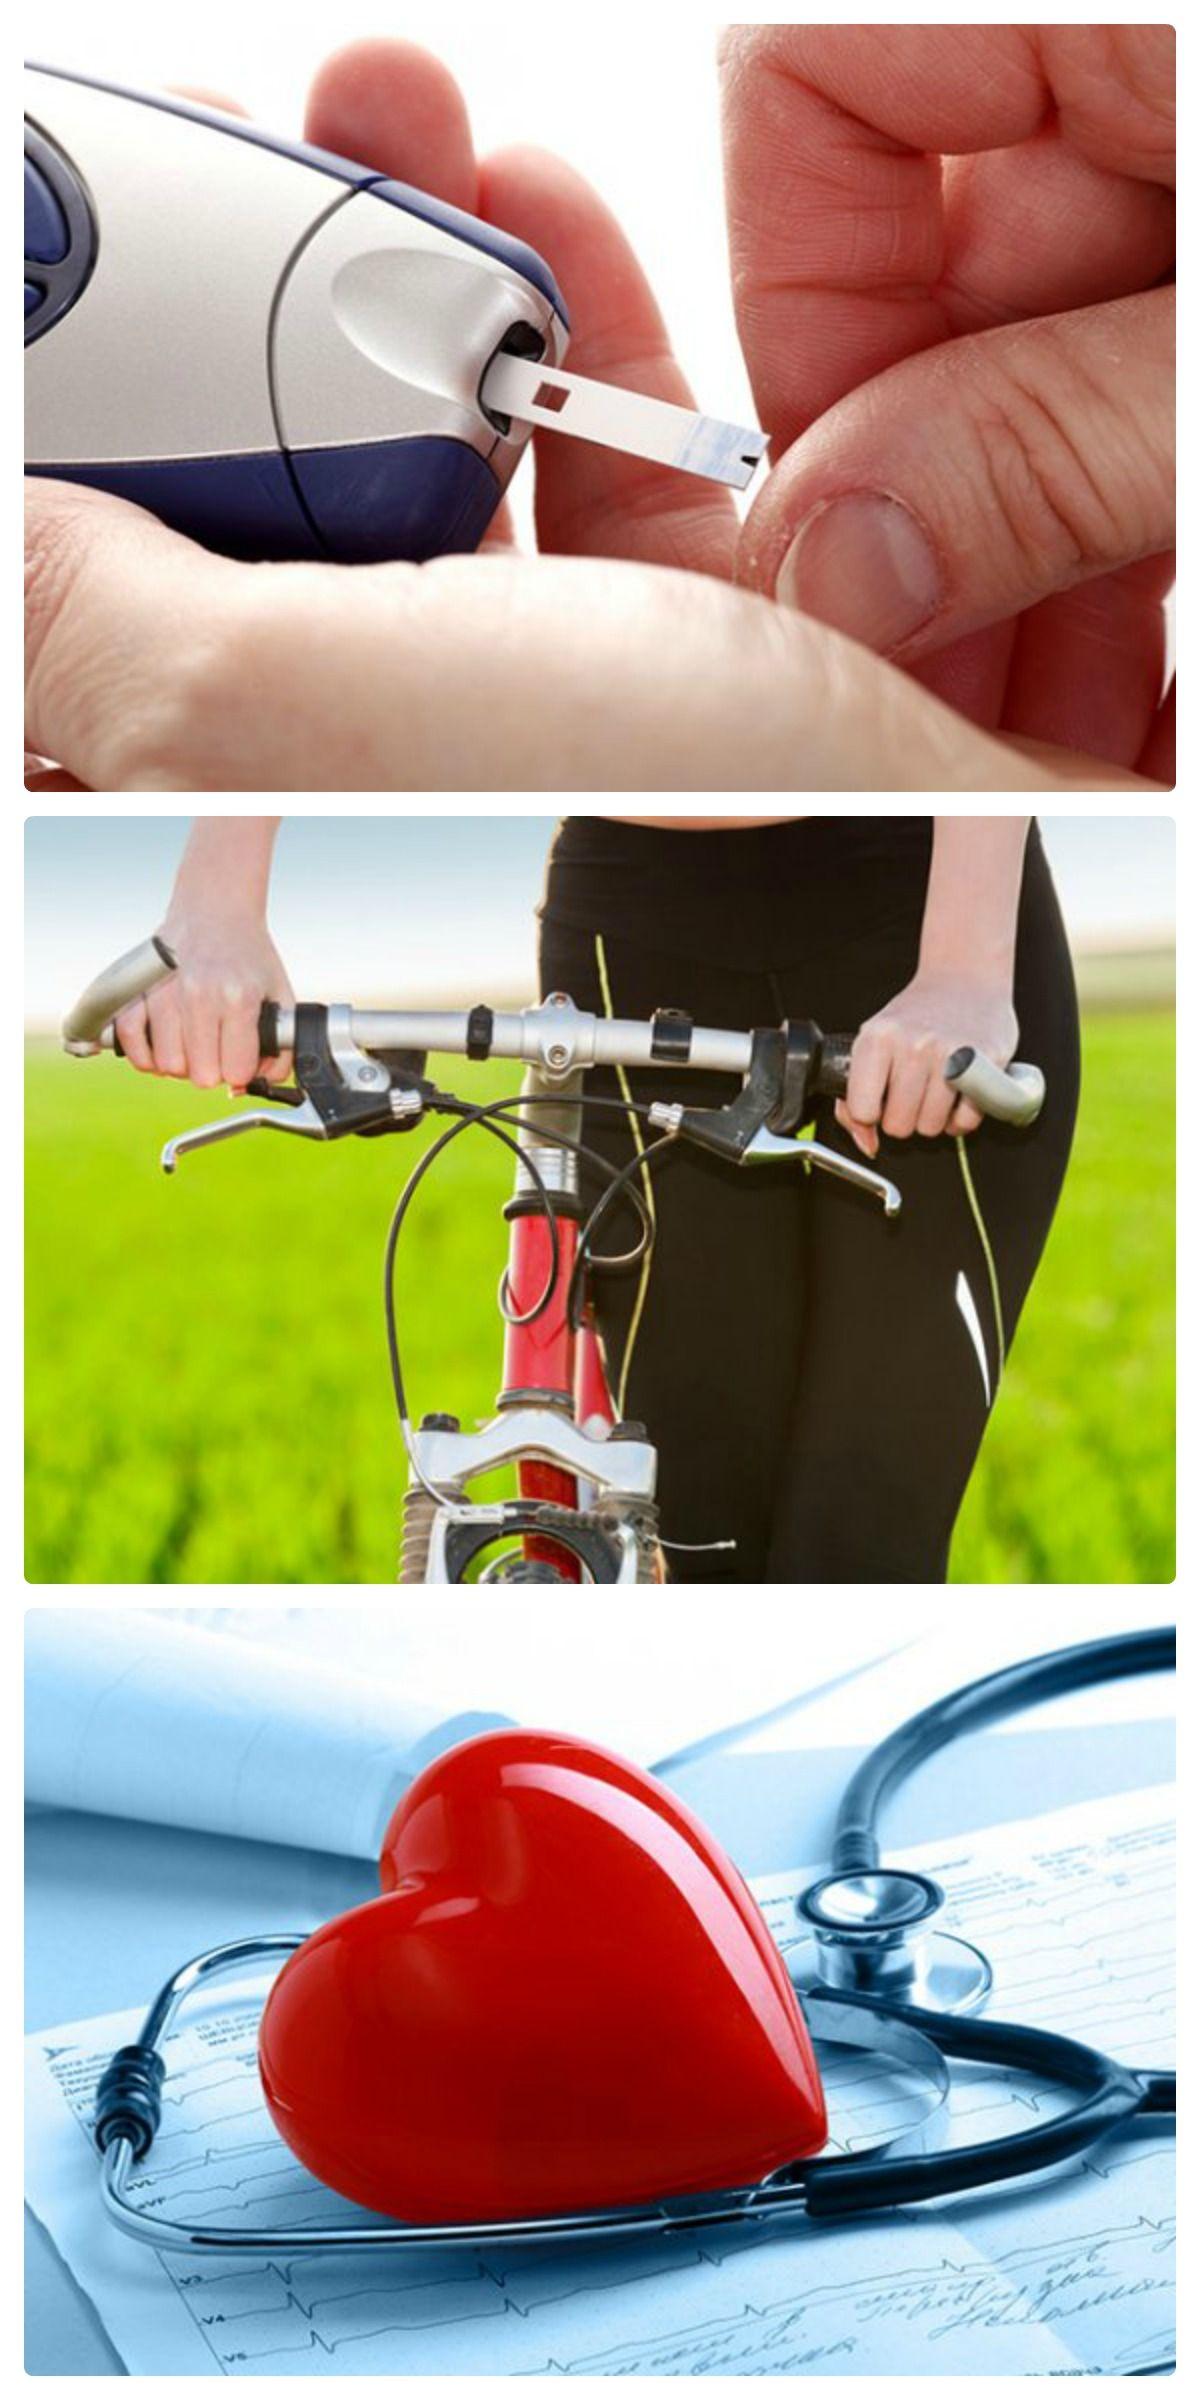 Übergewicht ist keinefalls nur ein ästhetisches Problem. Es abzubauen ist wichtig für unsere Gesundheit und für unser Wohlbefinden: 8 gute Gründe fürs Abnehmen   http://eatsmarter.de/blogs/ingo-froboese/8-gute-gruende-fuers-abnehmen